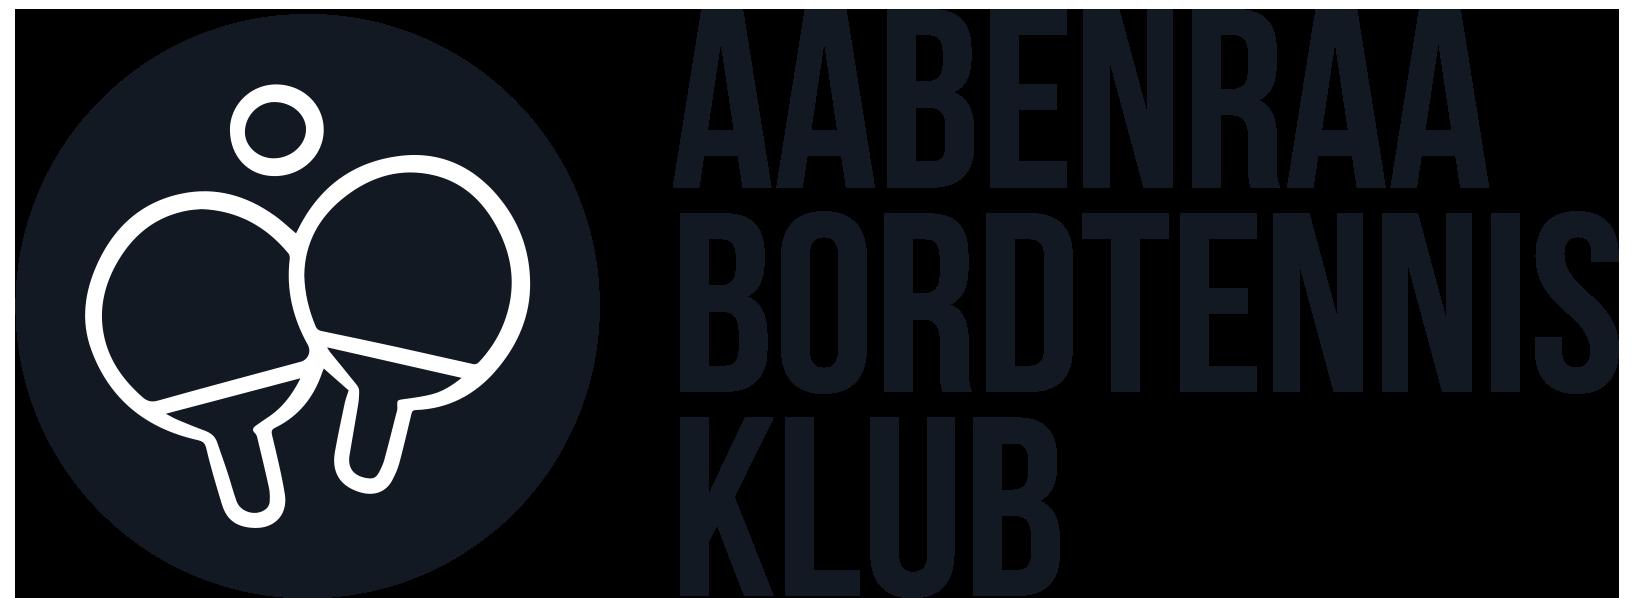 Aabenraa Bordtennis Klub